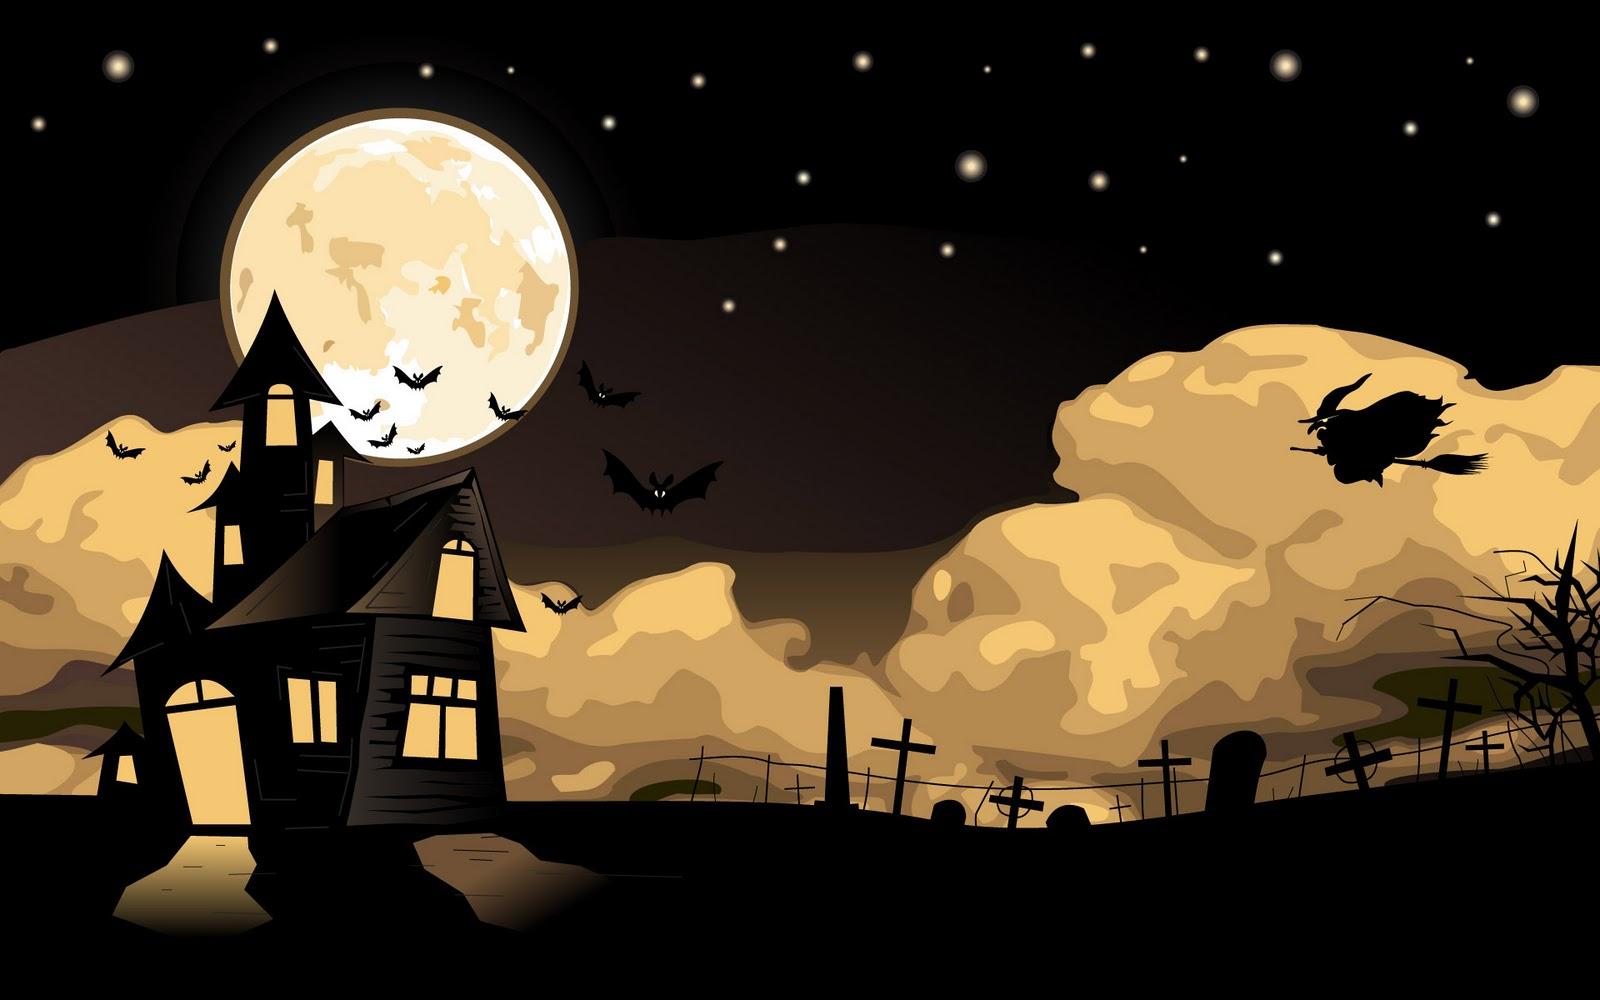 wallpaper freescary halloween screensavershalloween wallpaper 1600x1000